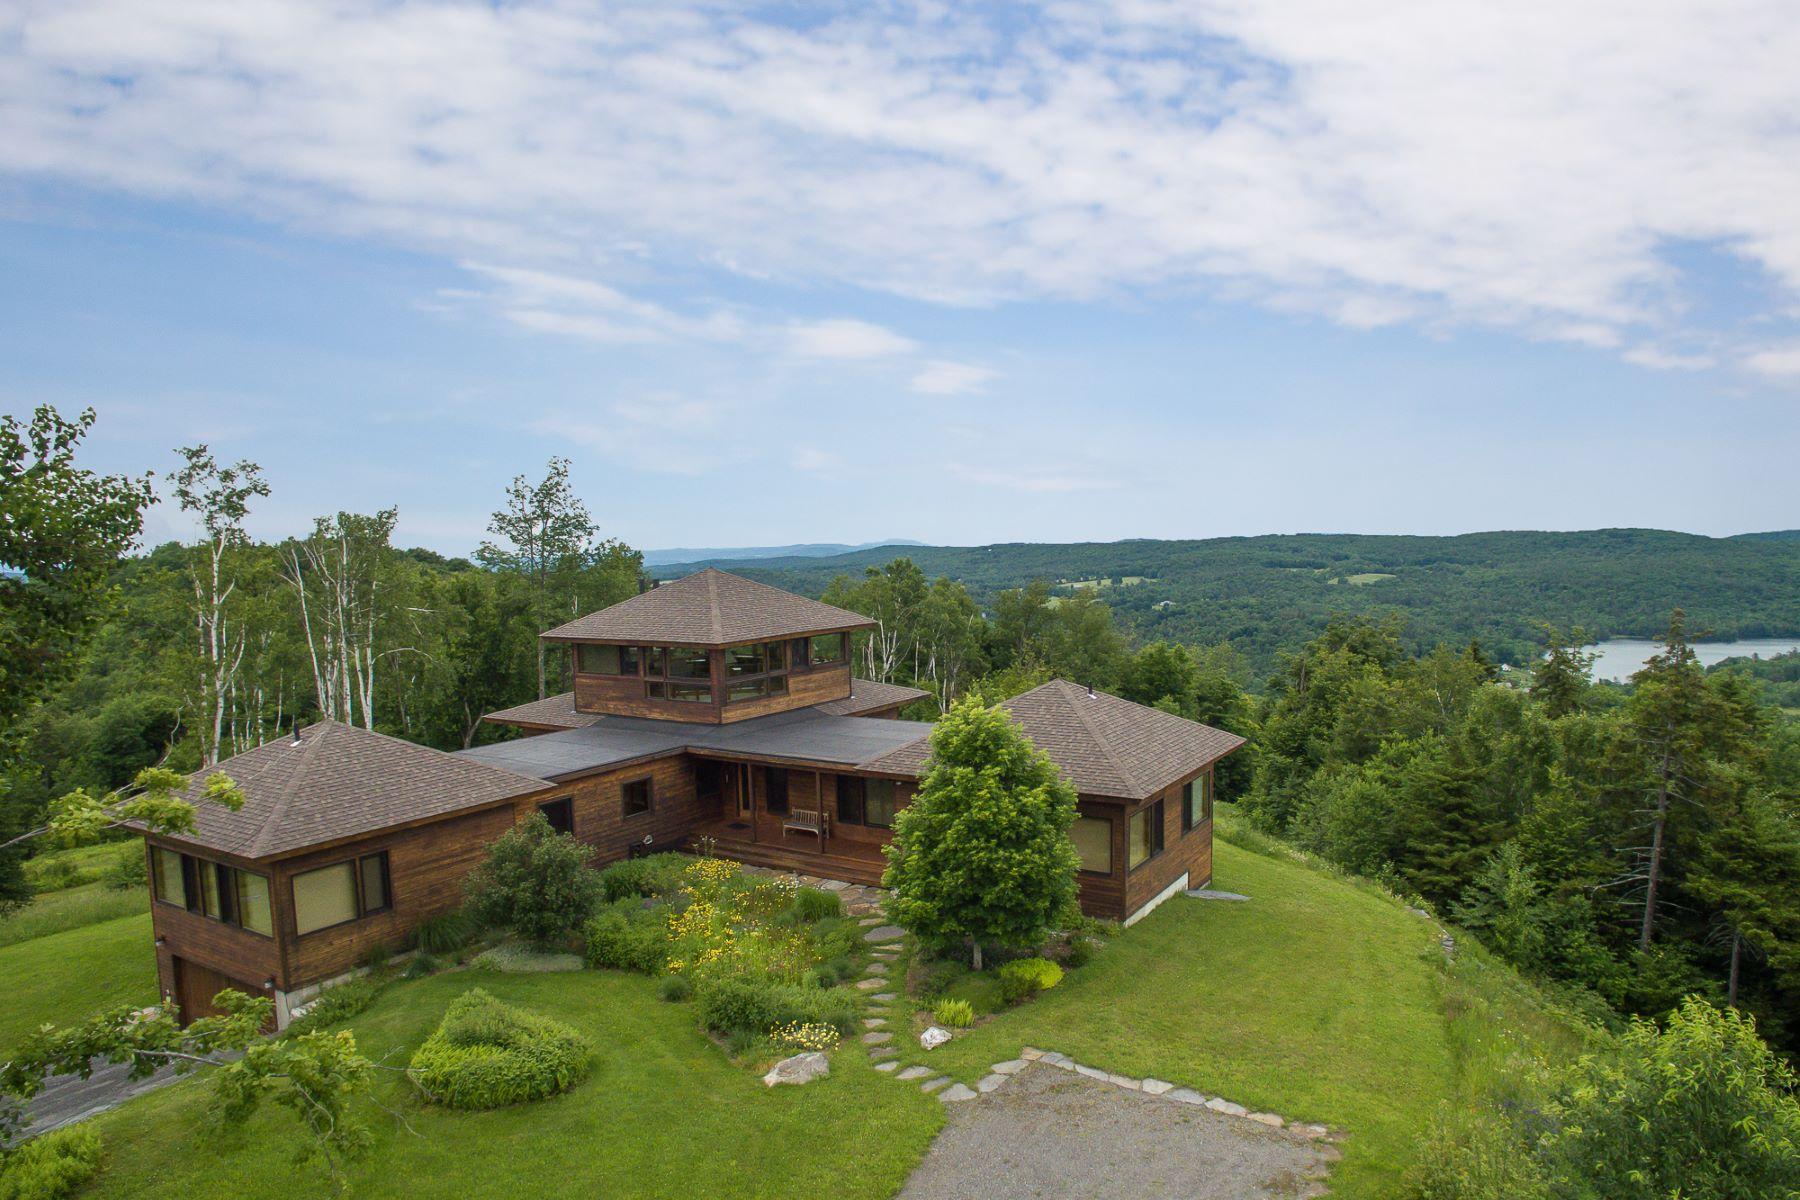 Nhà ở một gia đình vì Bán tại 287 Bennett Road Rd, Barnard Barnard, Vermont, 05031 Hoa Kỳ